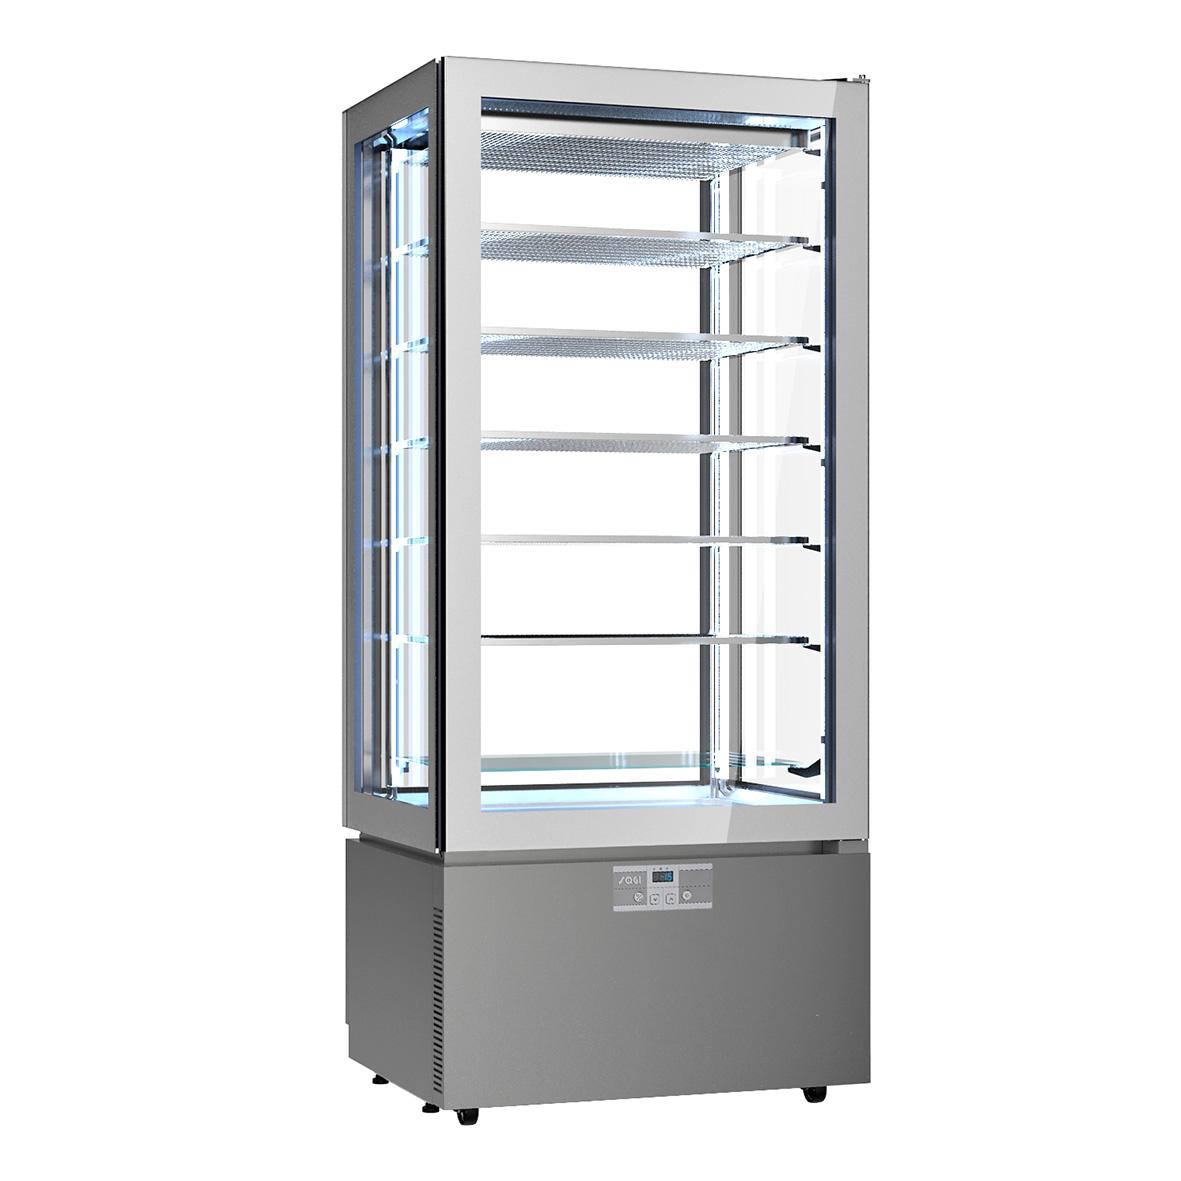 Sagi-Display-Freezer-Dubai-UAE